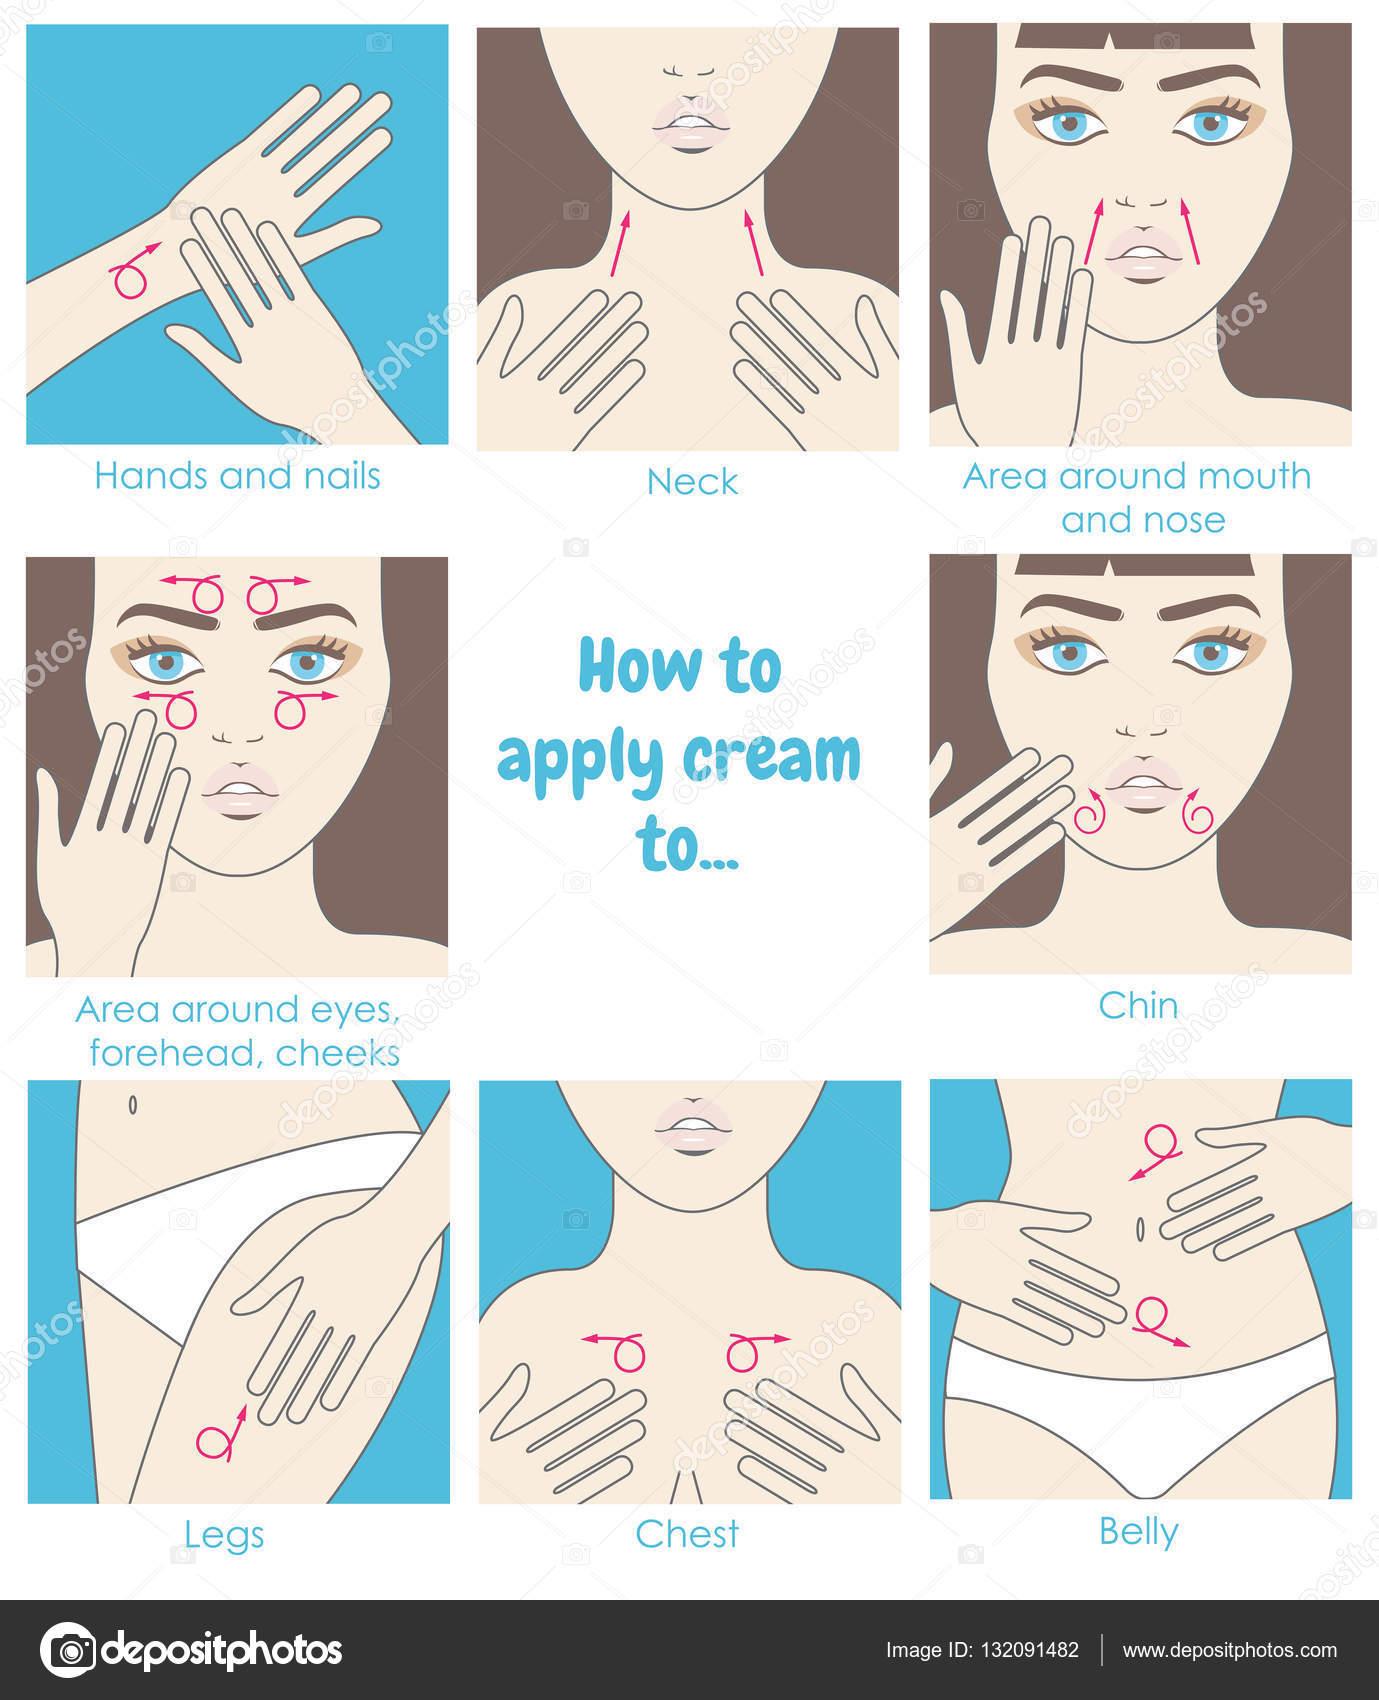 comment appliquer creme visage cou